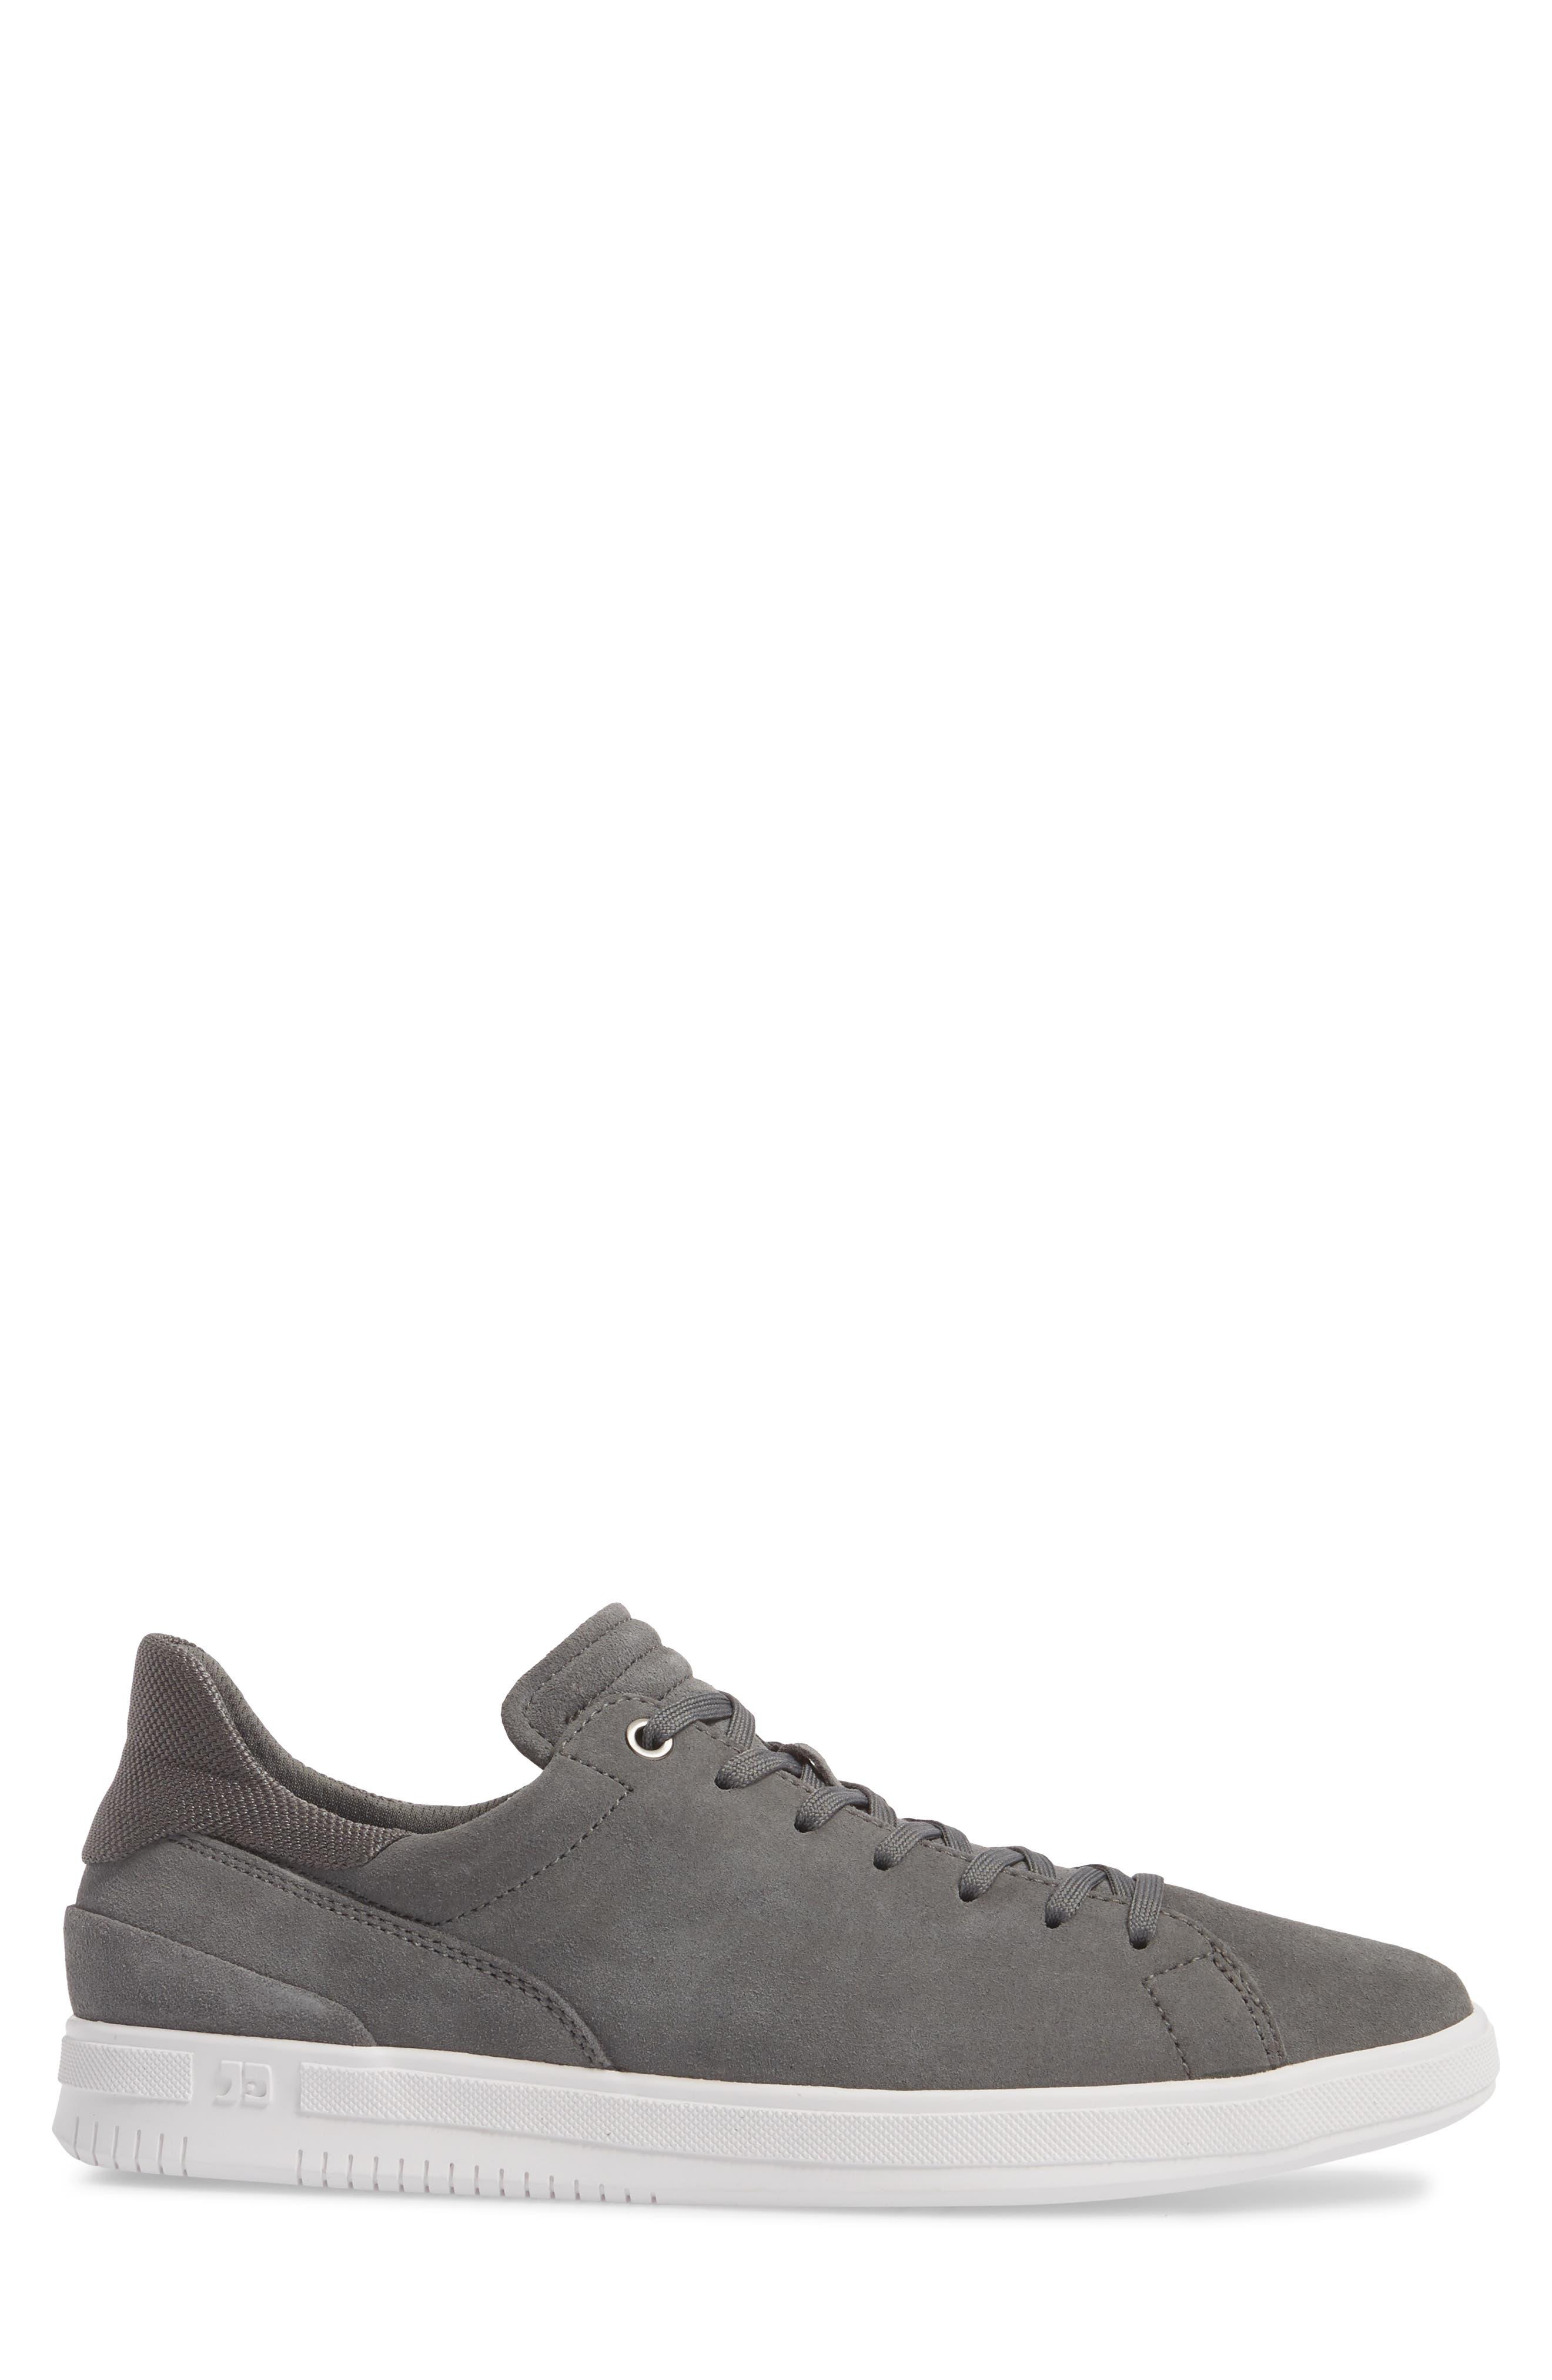 Joe Mama Low Top Sneaker,                             Alternate thumbnail 3, color,                             Grey Suede